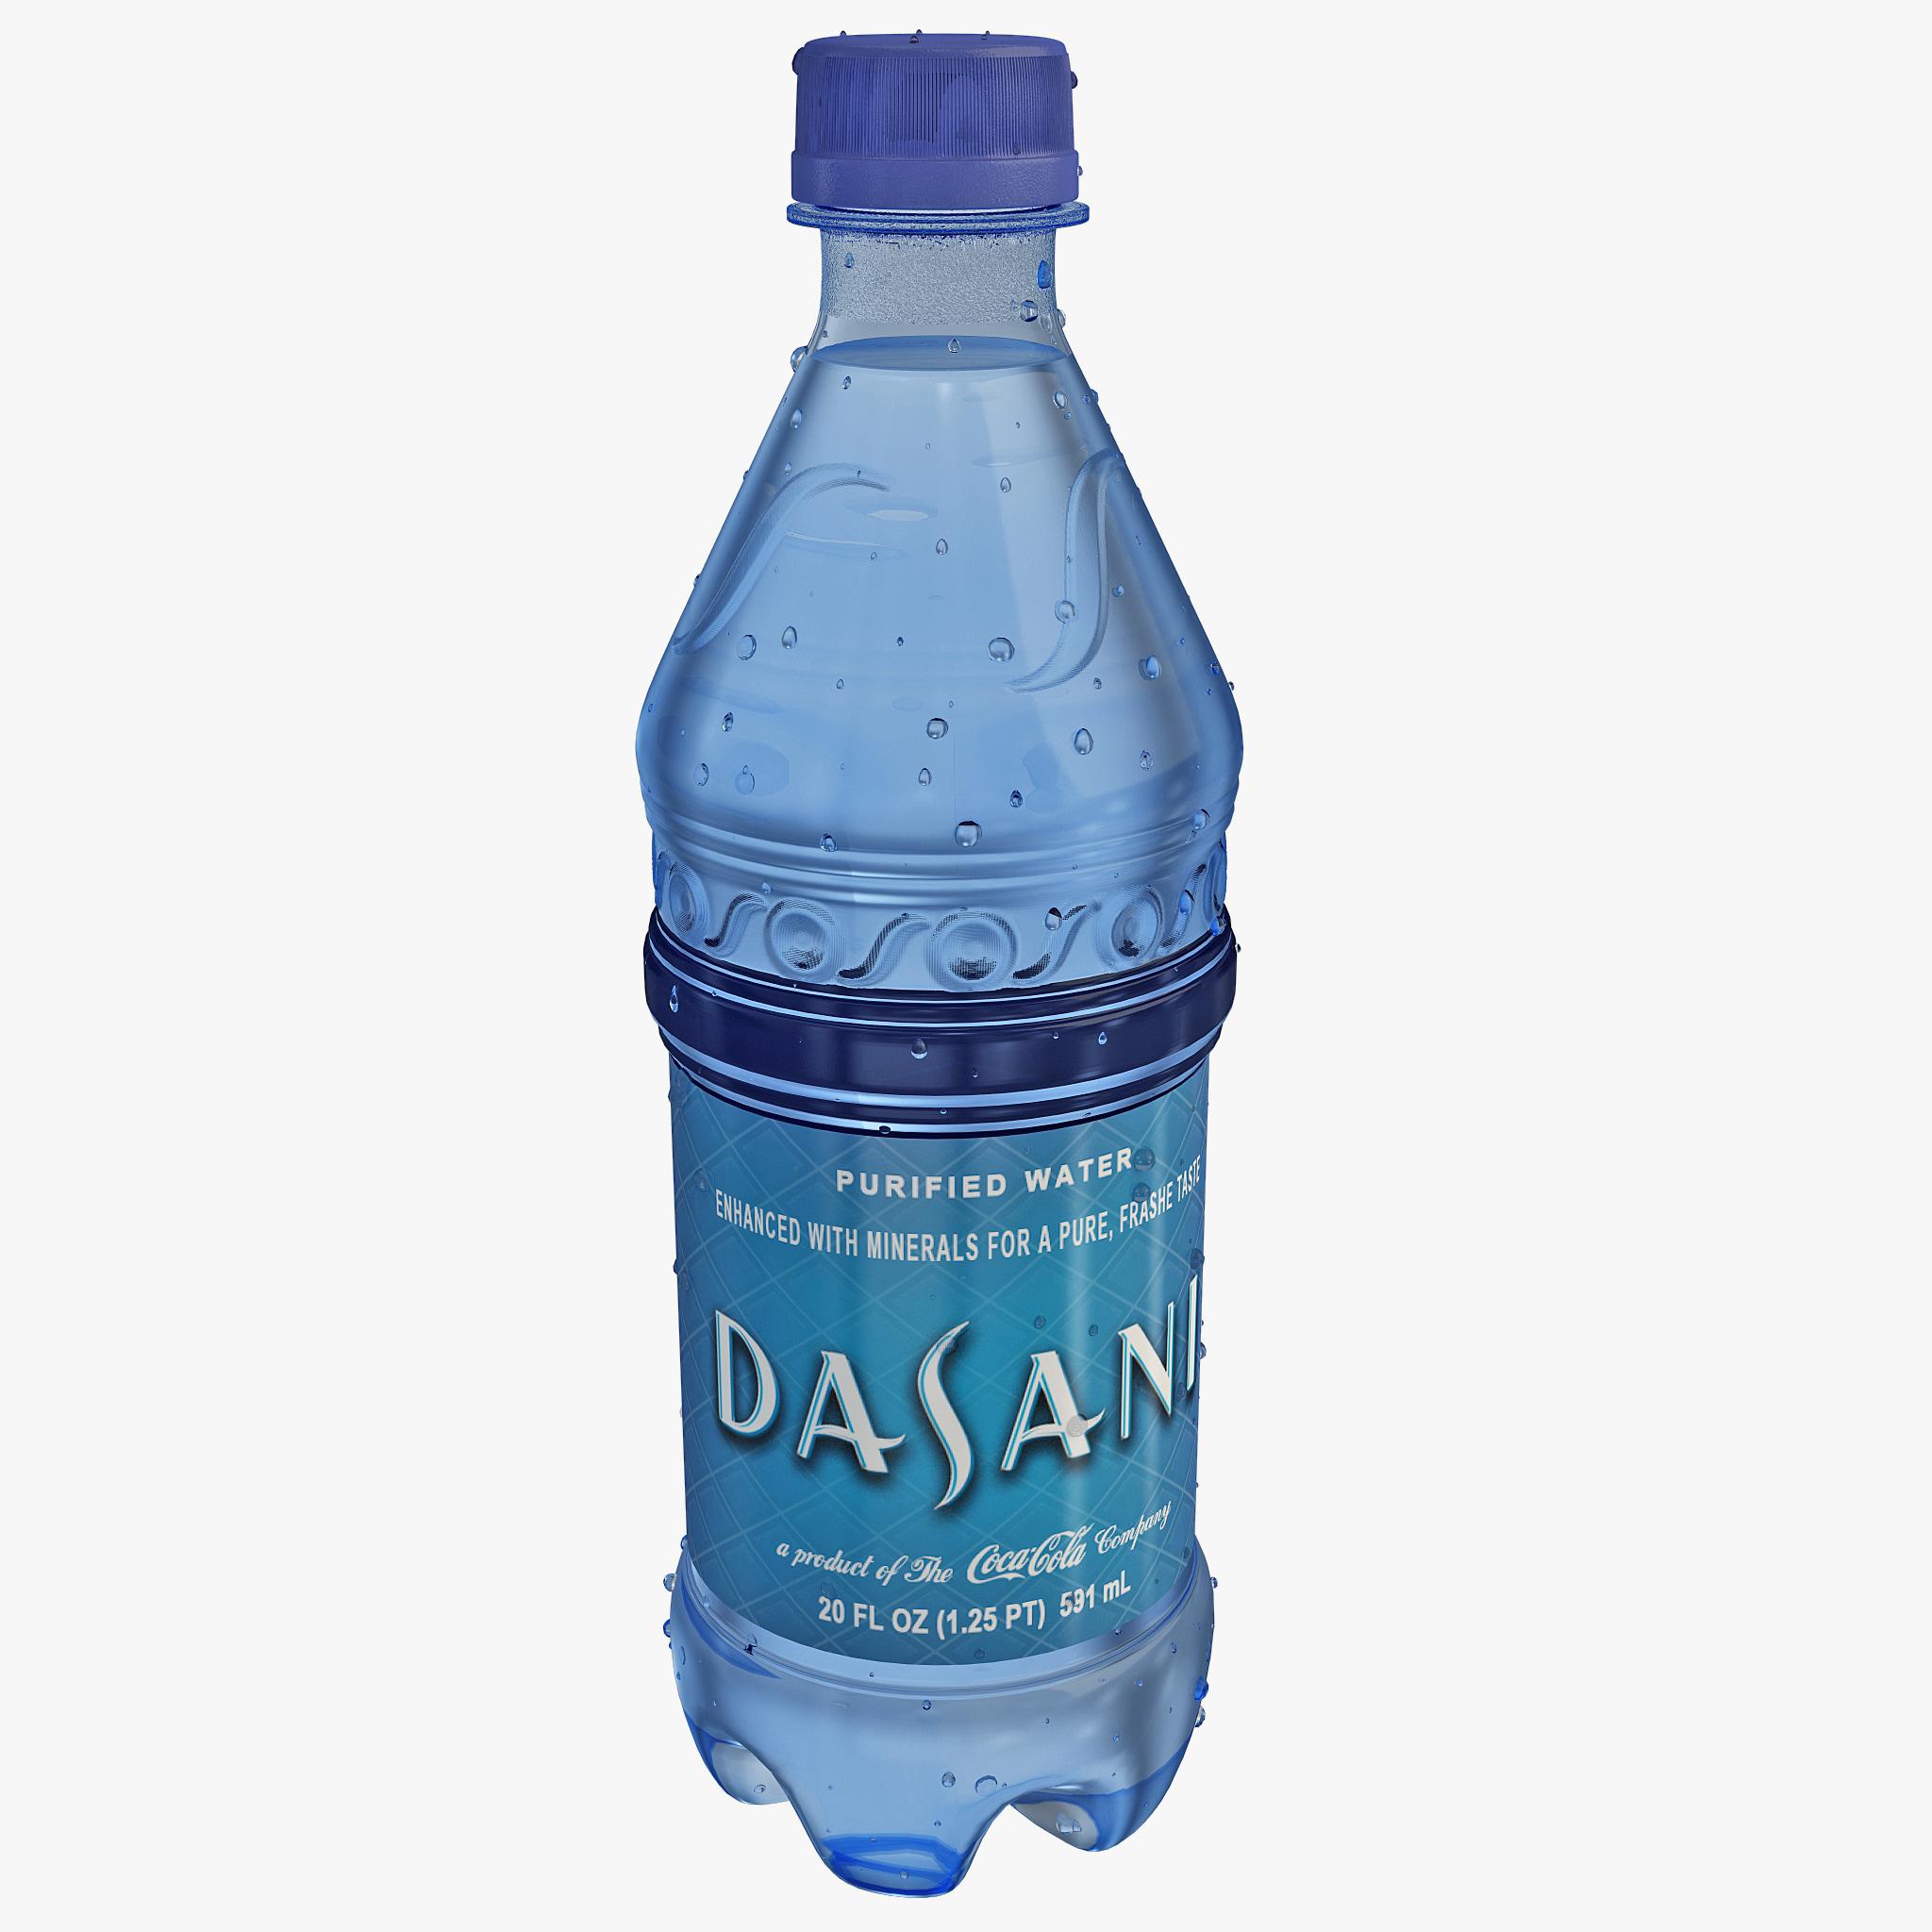 Dasani Water 101